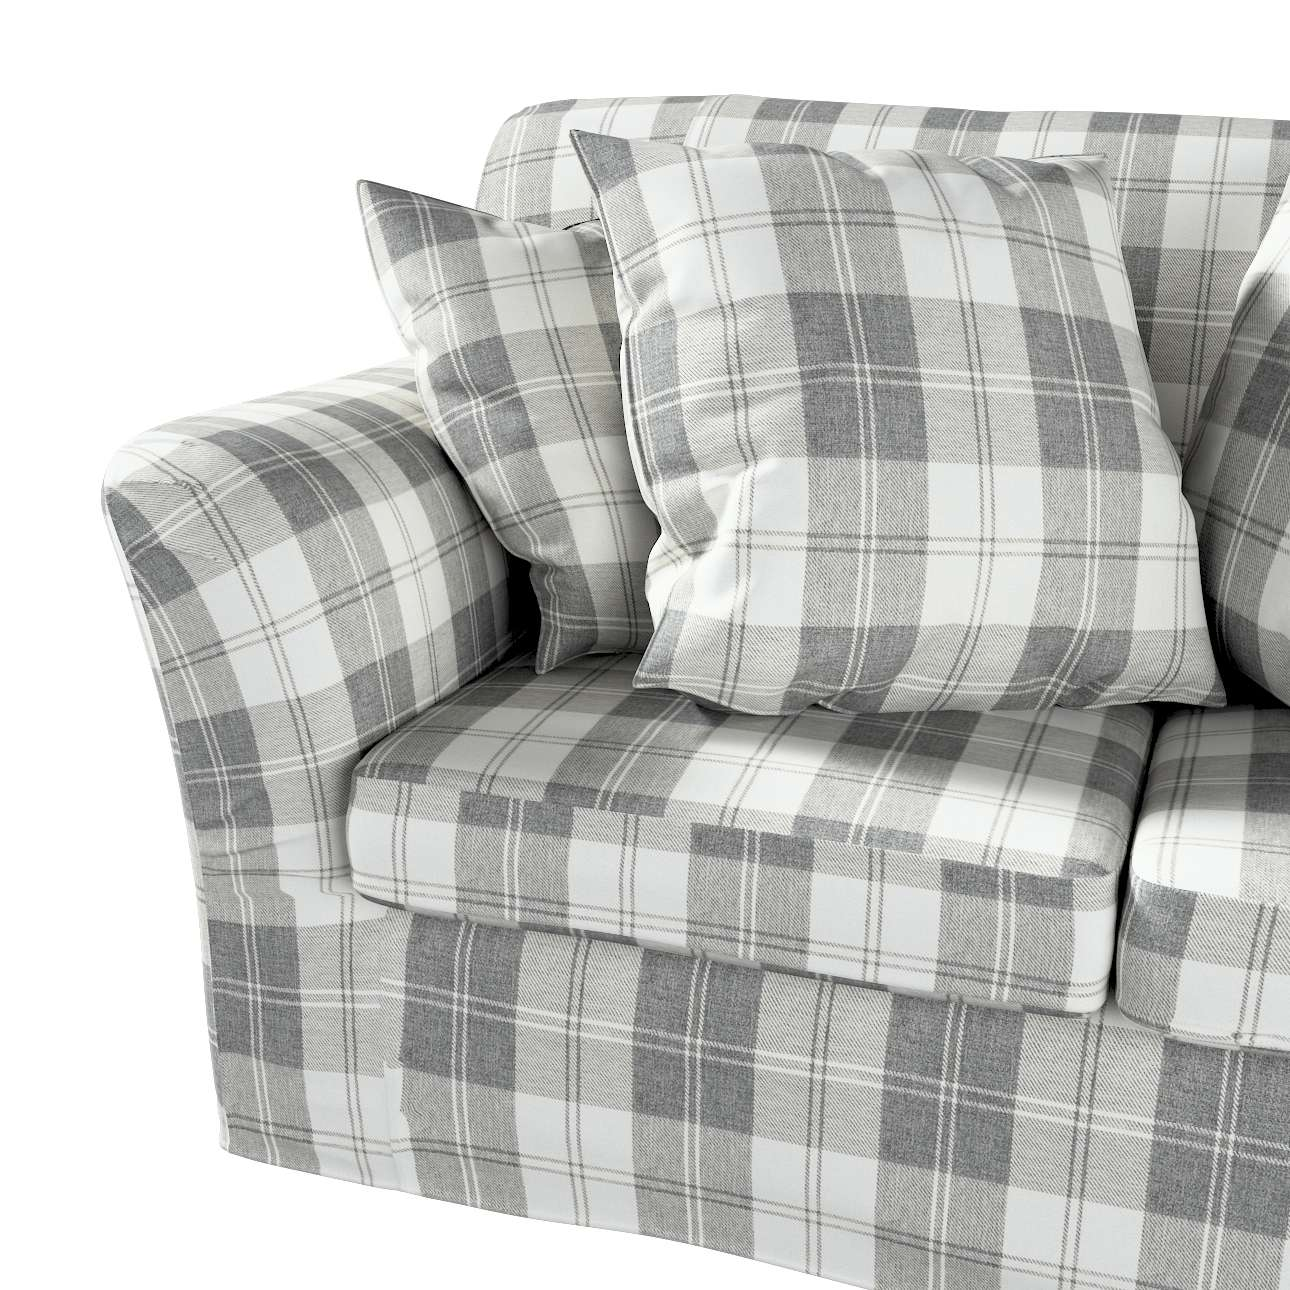 Pokrowiec na sofę Tomelilla 2-osobową nierozkładaną w kolekcji Edinburgh, tkanina: 115-79